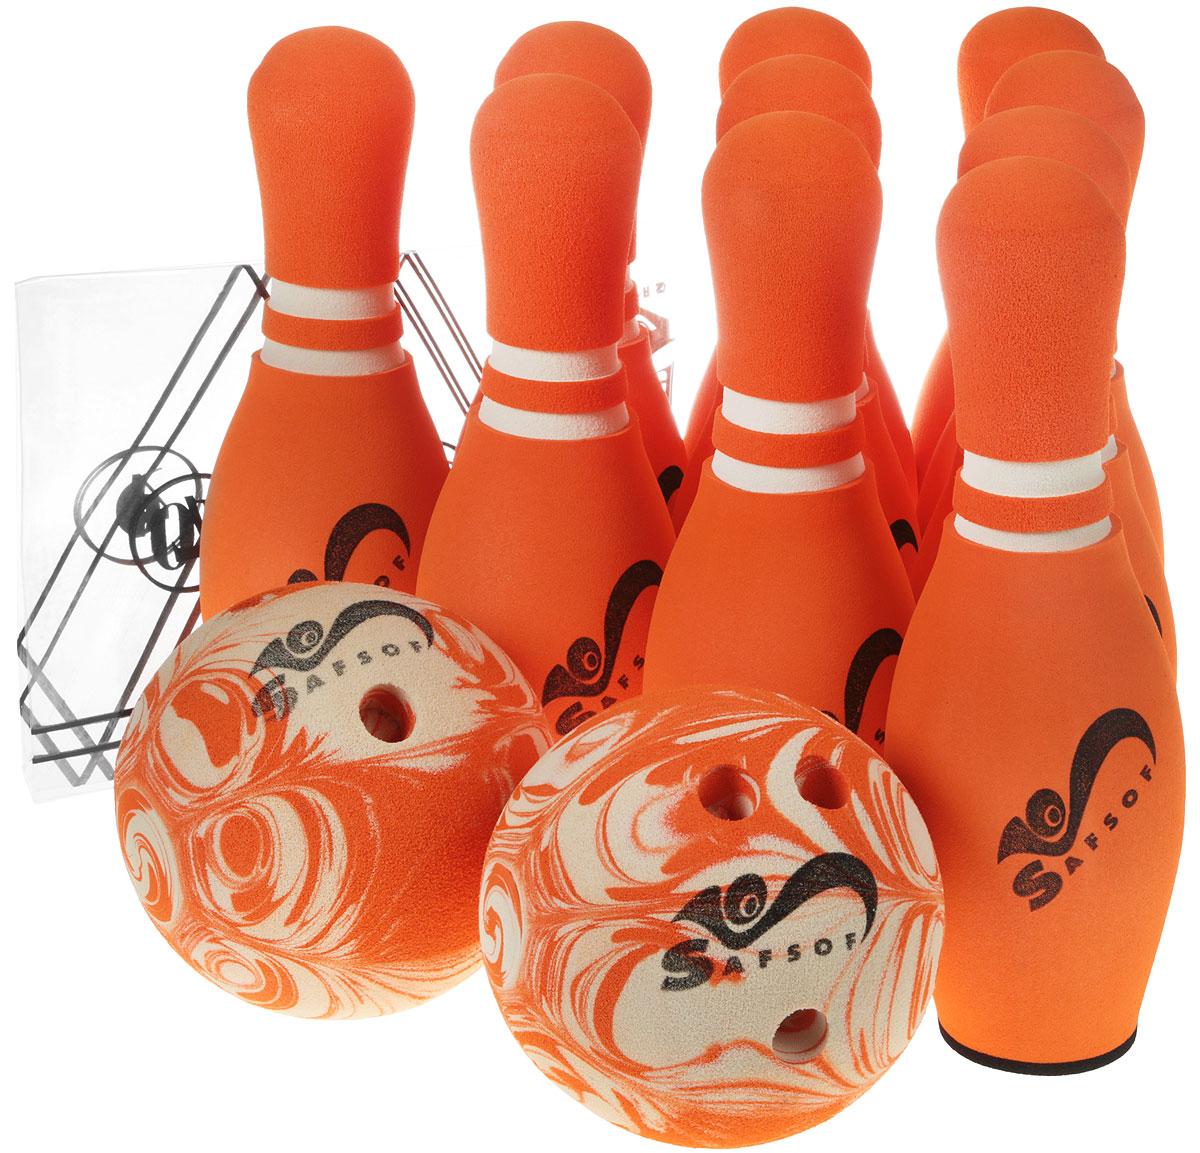 Zakazat.ru Safsof Игровой набор Боулинг цвет оранжевый диаметр шара 15,5 см